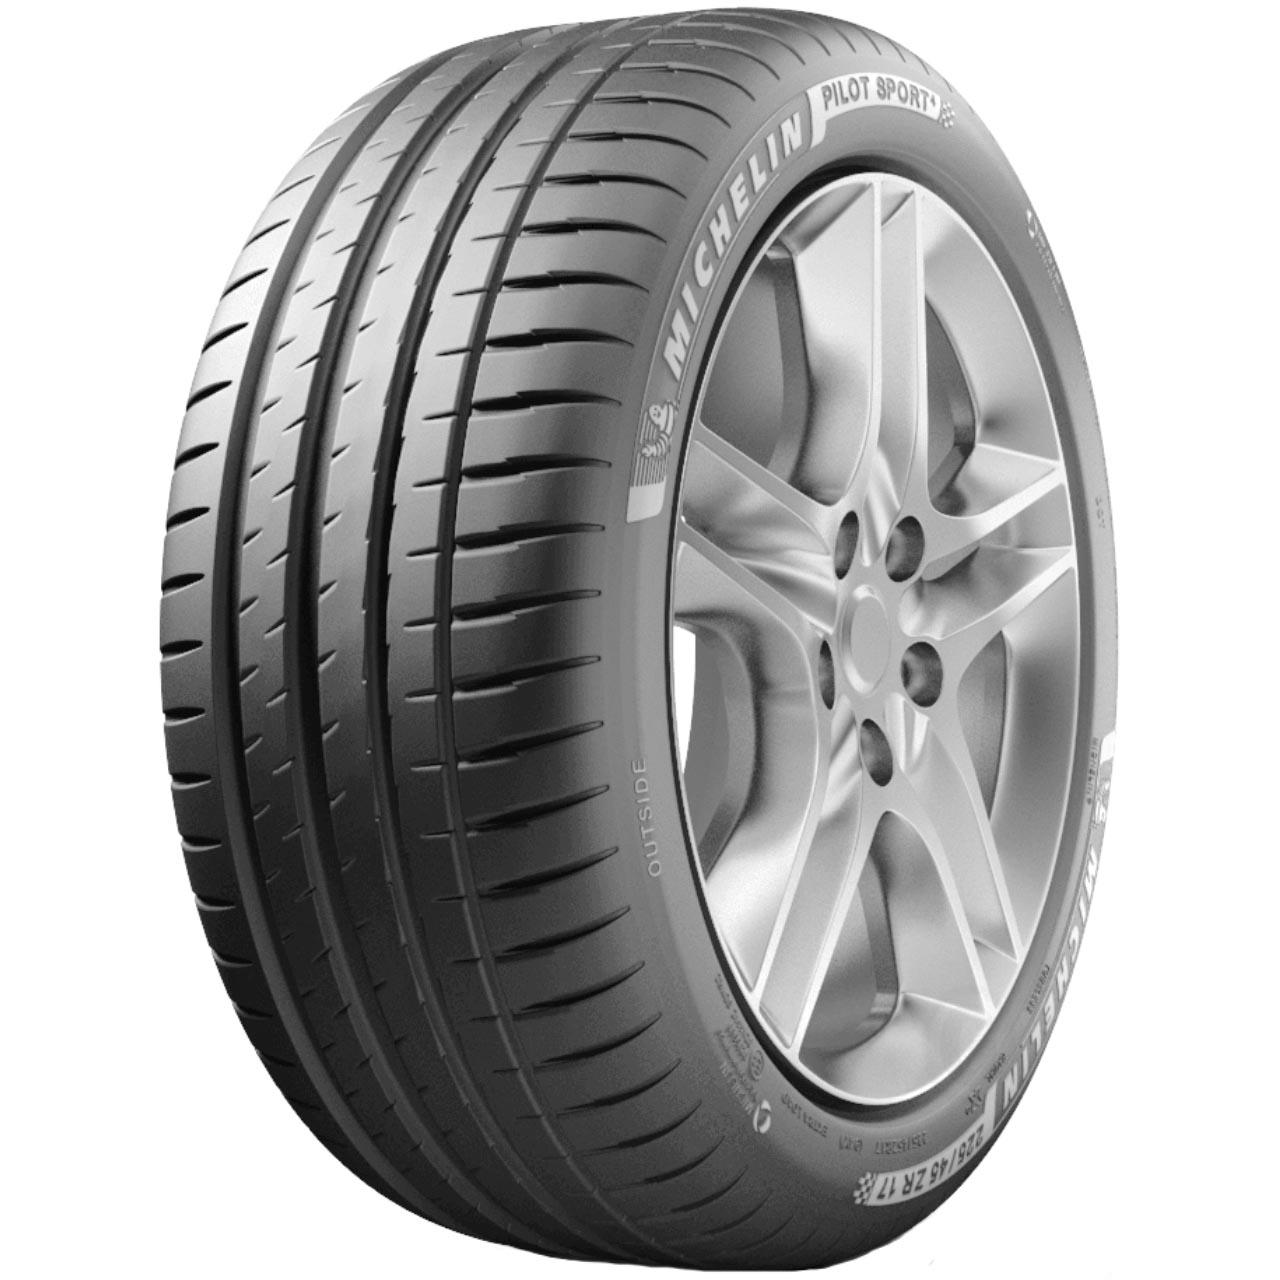 Michelin Pilot Sport 4 225/40ZR18 92W EL